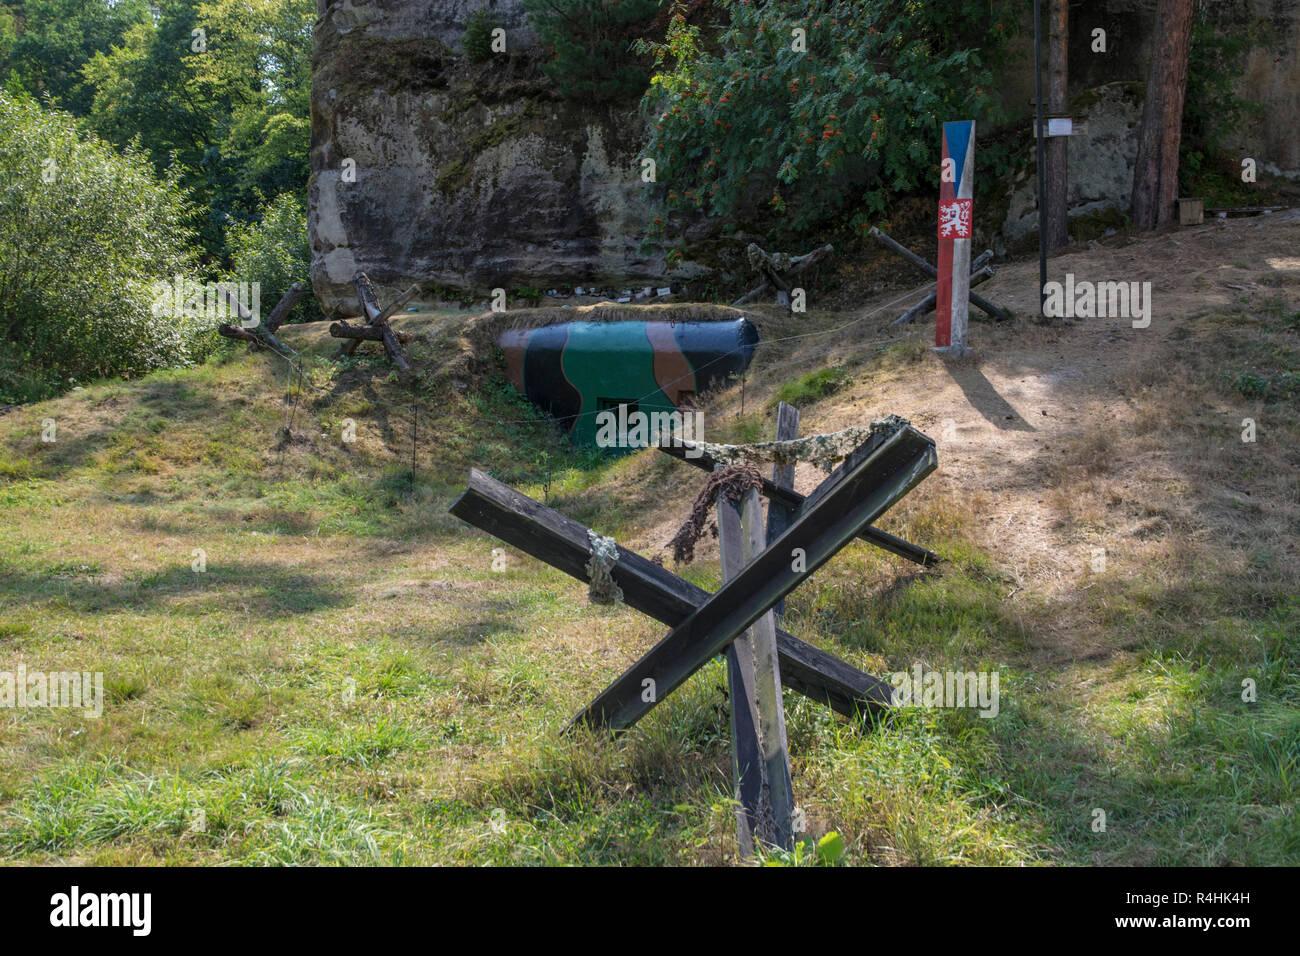 Böhmische Schweiz, Open-air museum to the bunker arrangement Schöberlinie with Srbská Kamenice, Windisch Kamnitz, Freilichtmuseum zur Bunkeranlage Sch Stock Photo